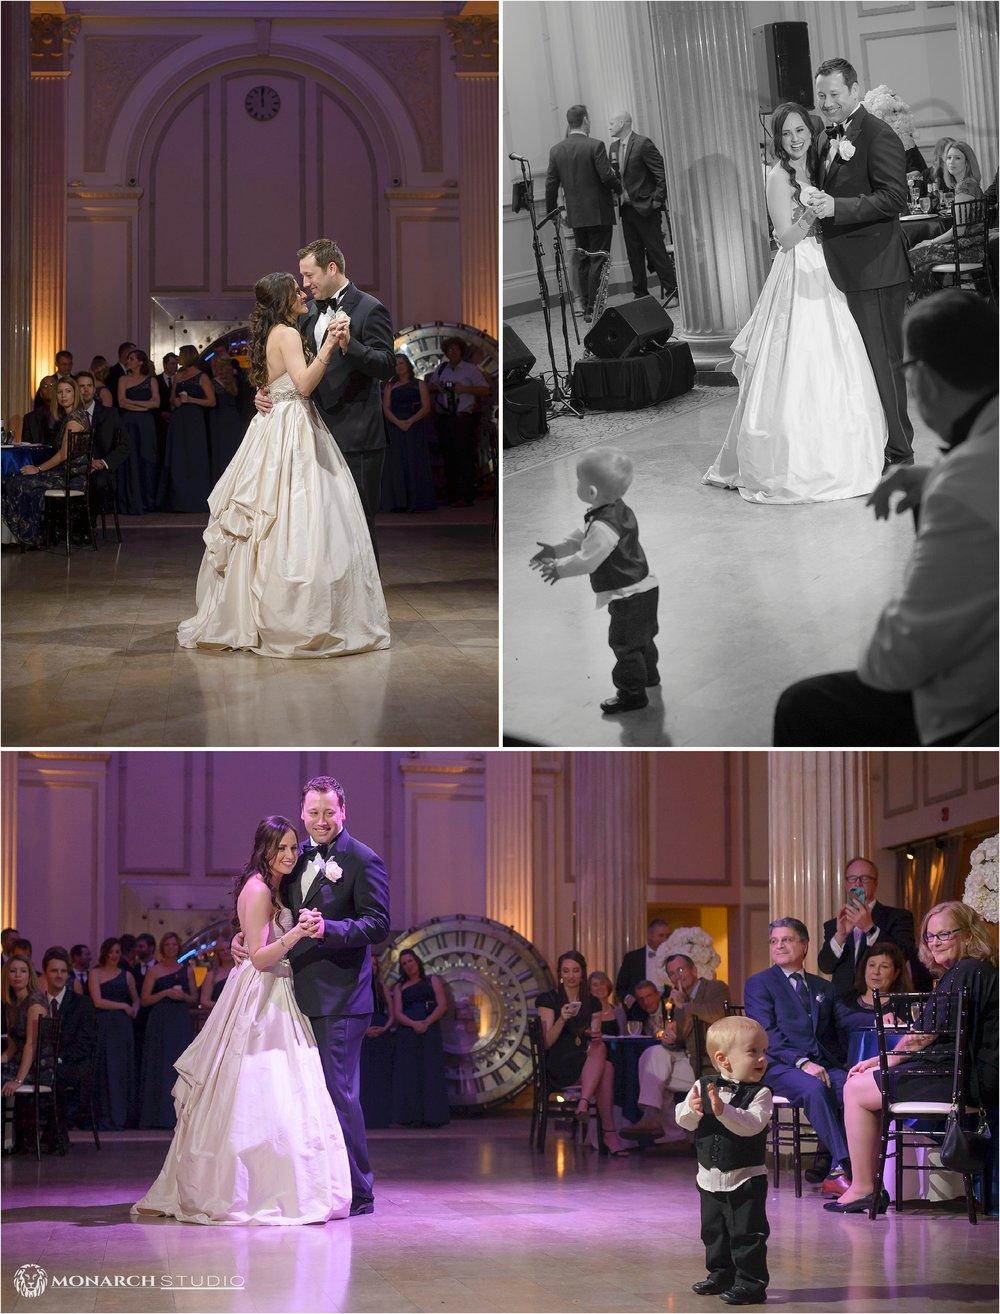 st-augustine-wedding-venue-treasury-on-the-plaza-057.jpg